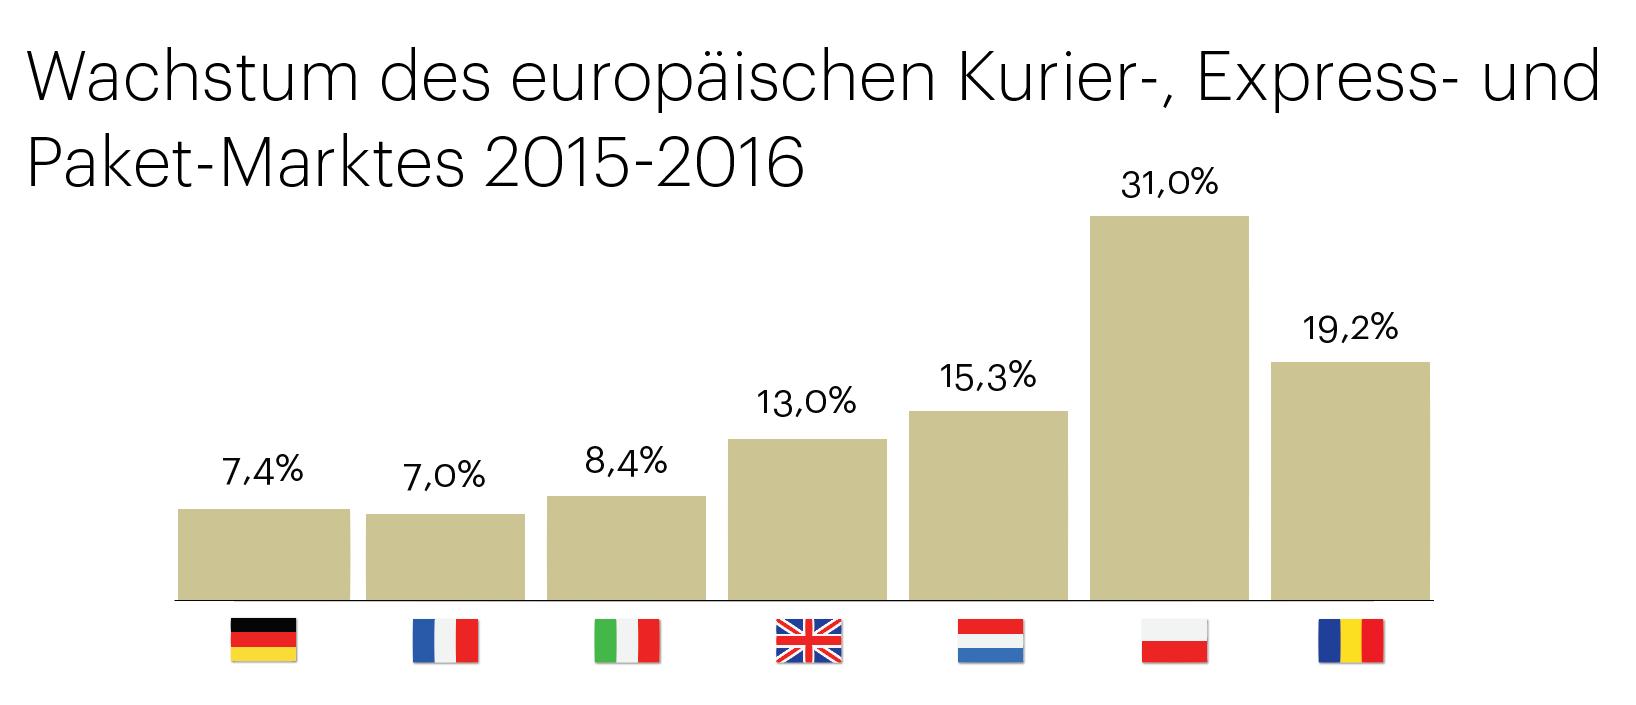 Europas Paket-Markt boomt: 720 Mio. internationale Sendungen ...